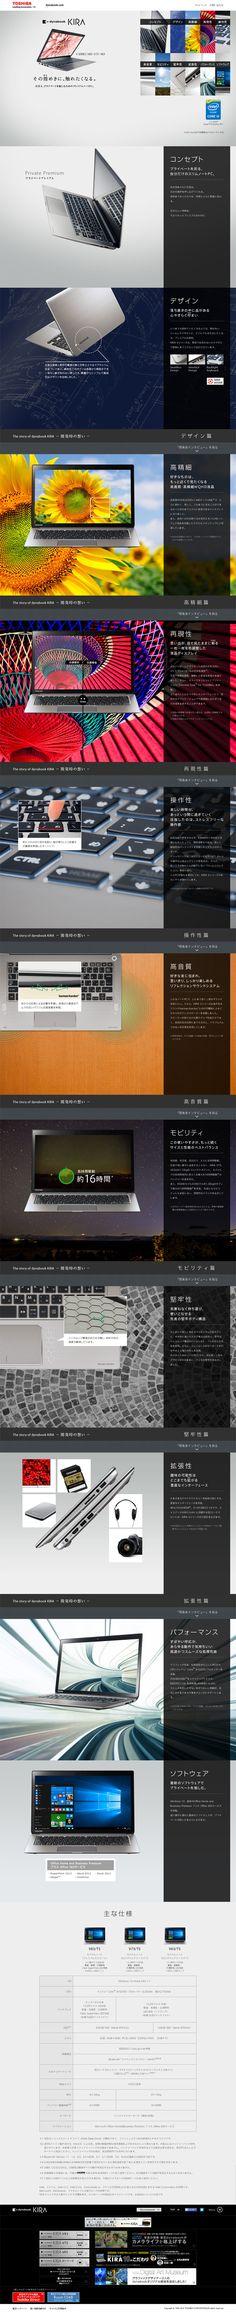 dynabook KIRA V【家電・パソコン・通信関連】のLPデザイン。WEBデザイナーさん必見!ランディングページのデザイン参考に(かっこいい系)